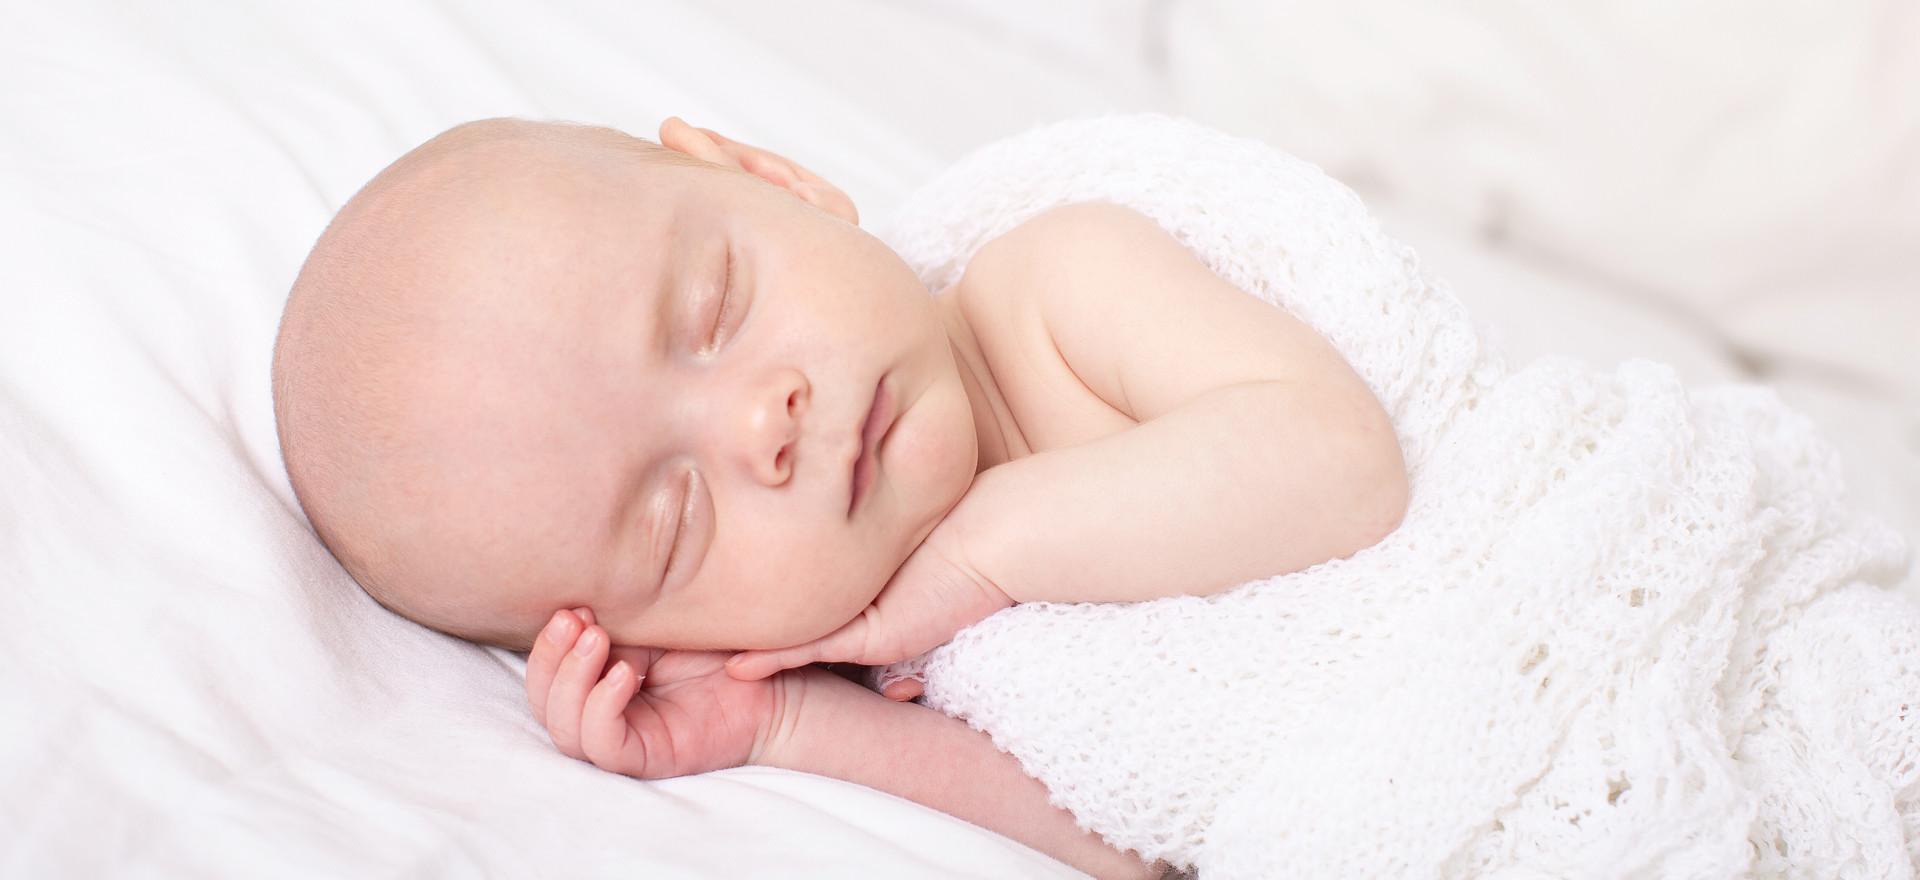 newborn baby, wall art, newcastle baby photographer, durham baby photographer